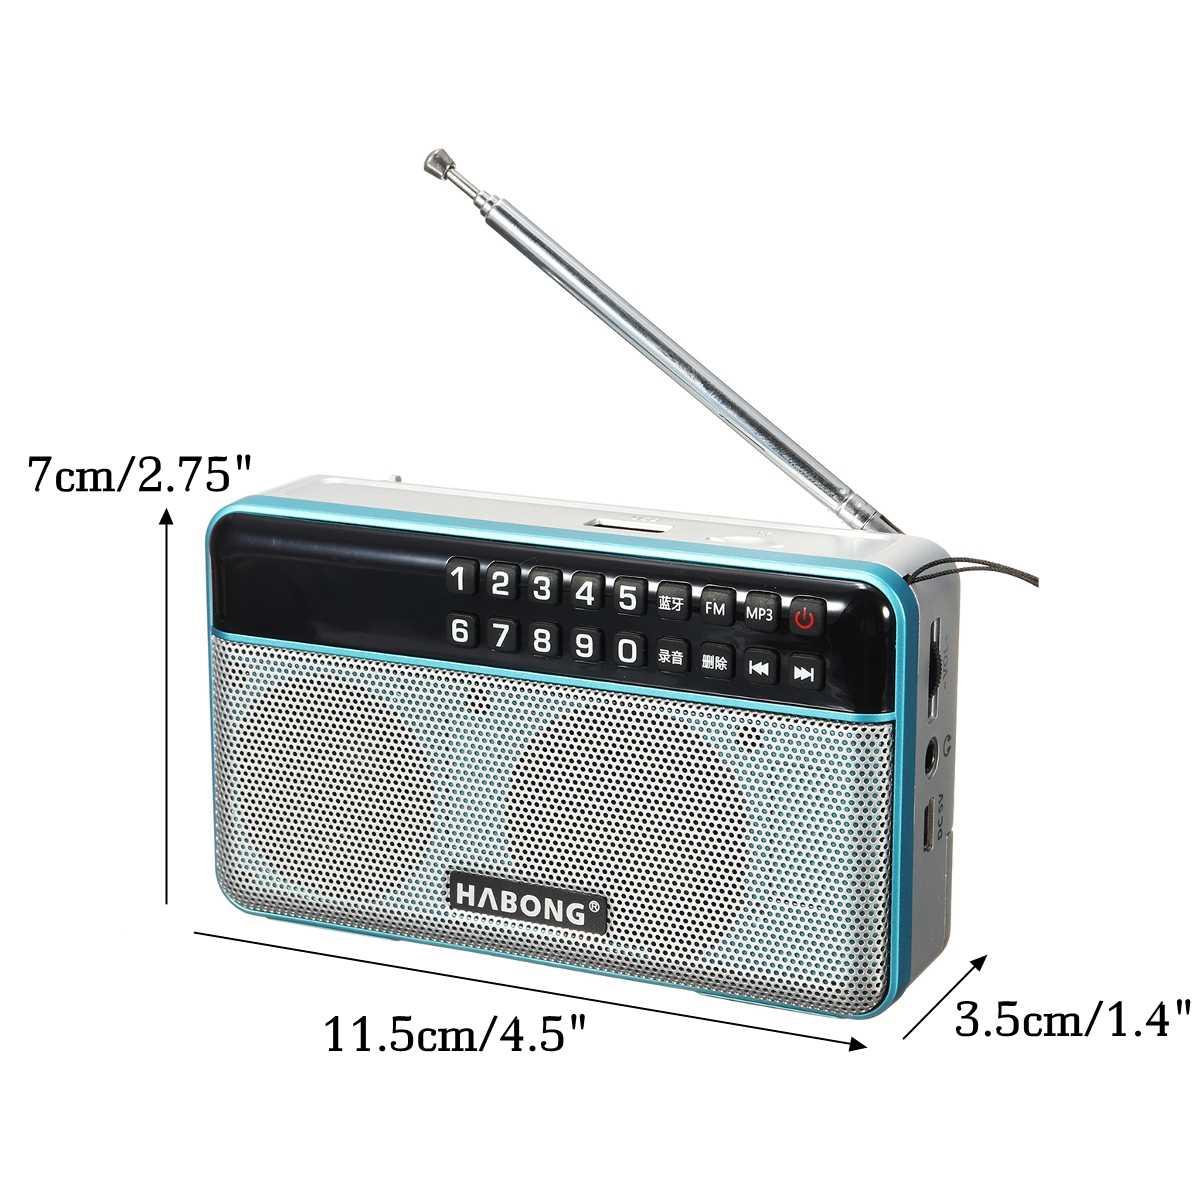 ミニポータブルラジオステレオ bluetooth スピーカー FM ラジオポータブルスピーカーラジオ USB SD TF カード MP3 プレーヤーサウンド